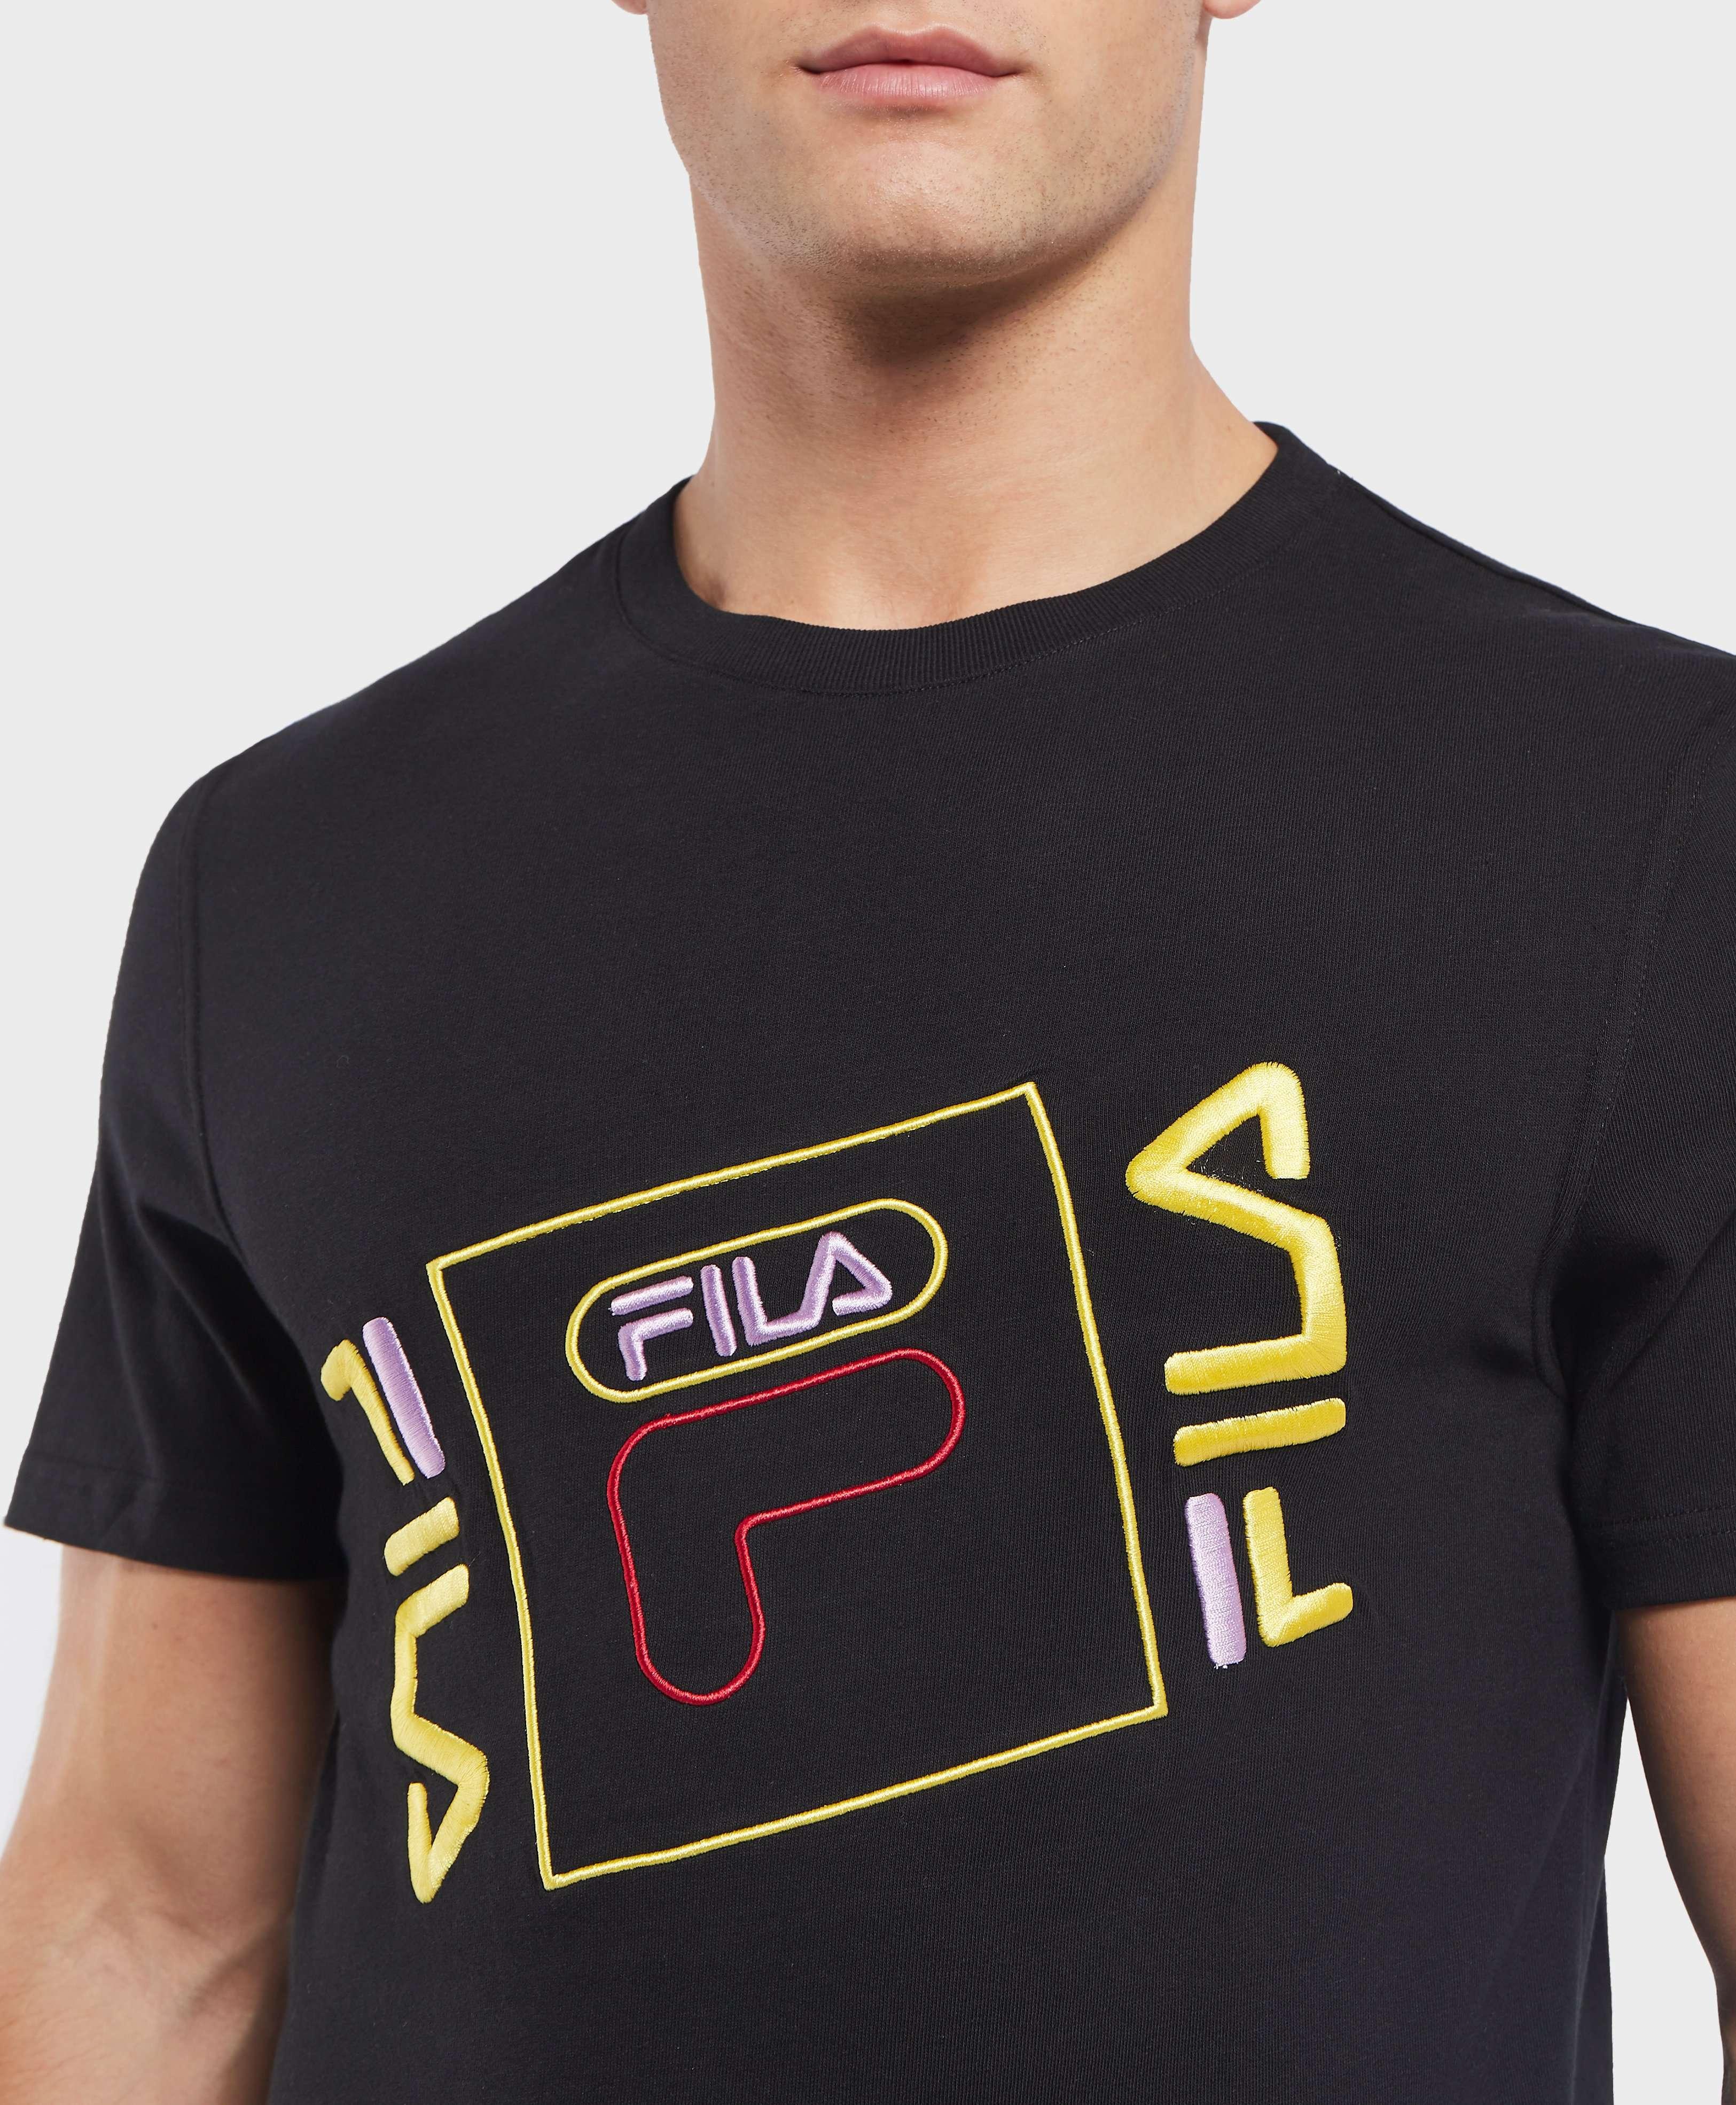 Fila Catria Short Sleeve T-Shirt